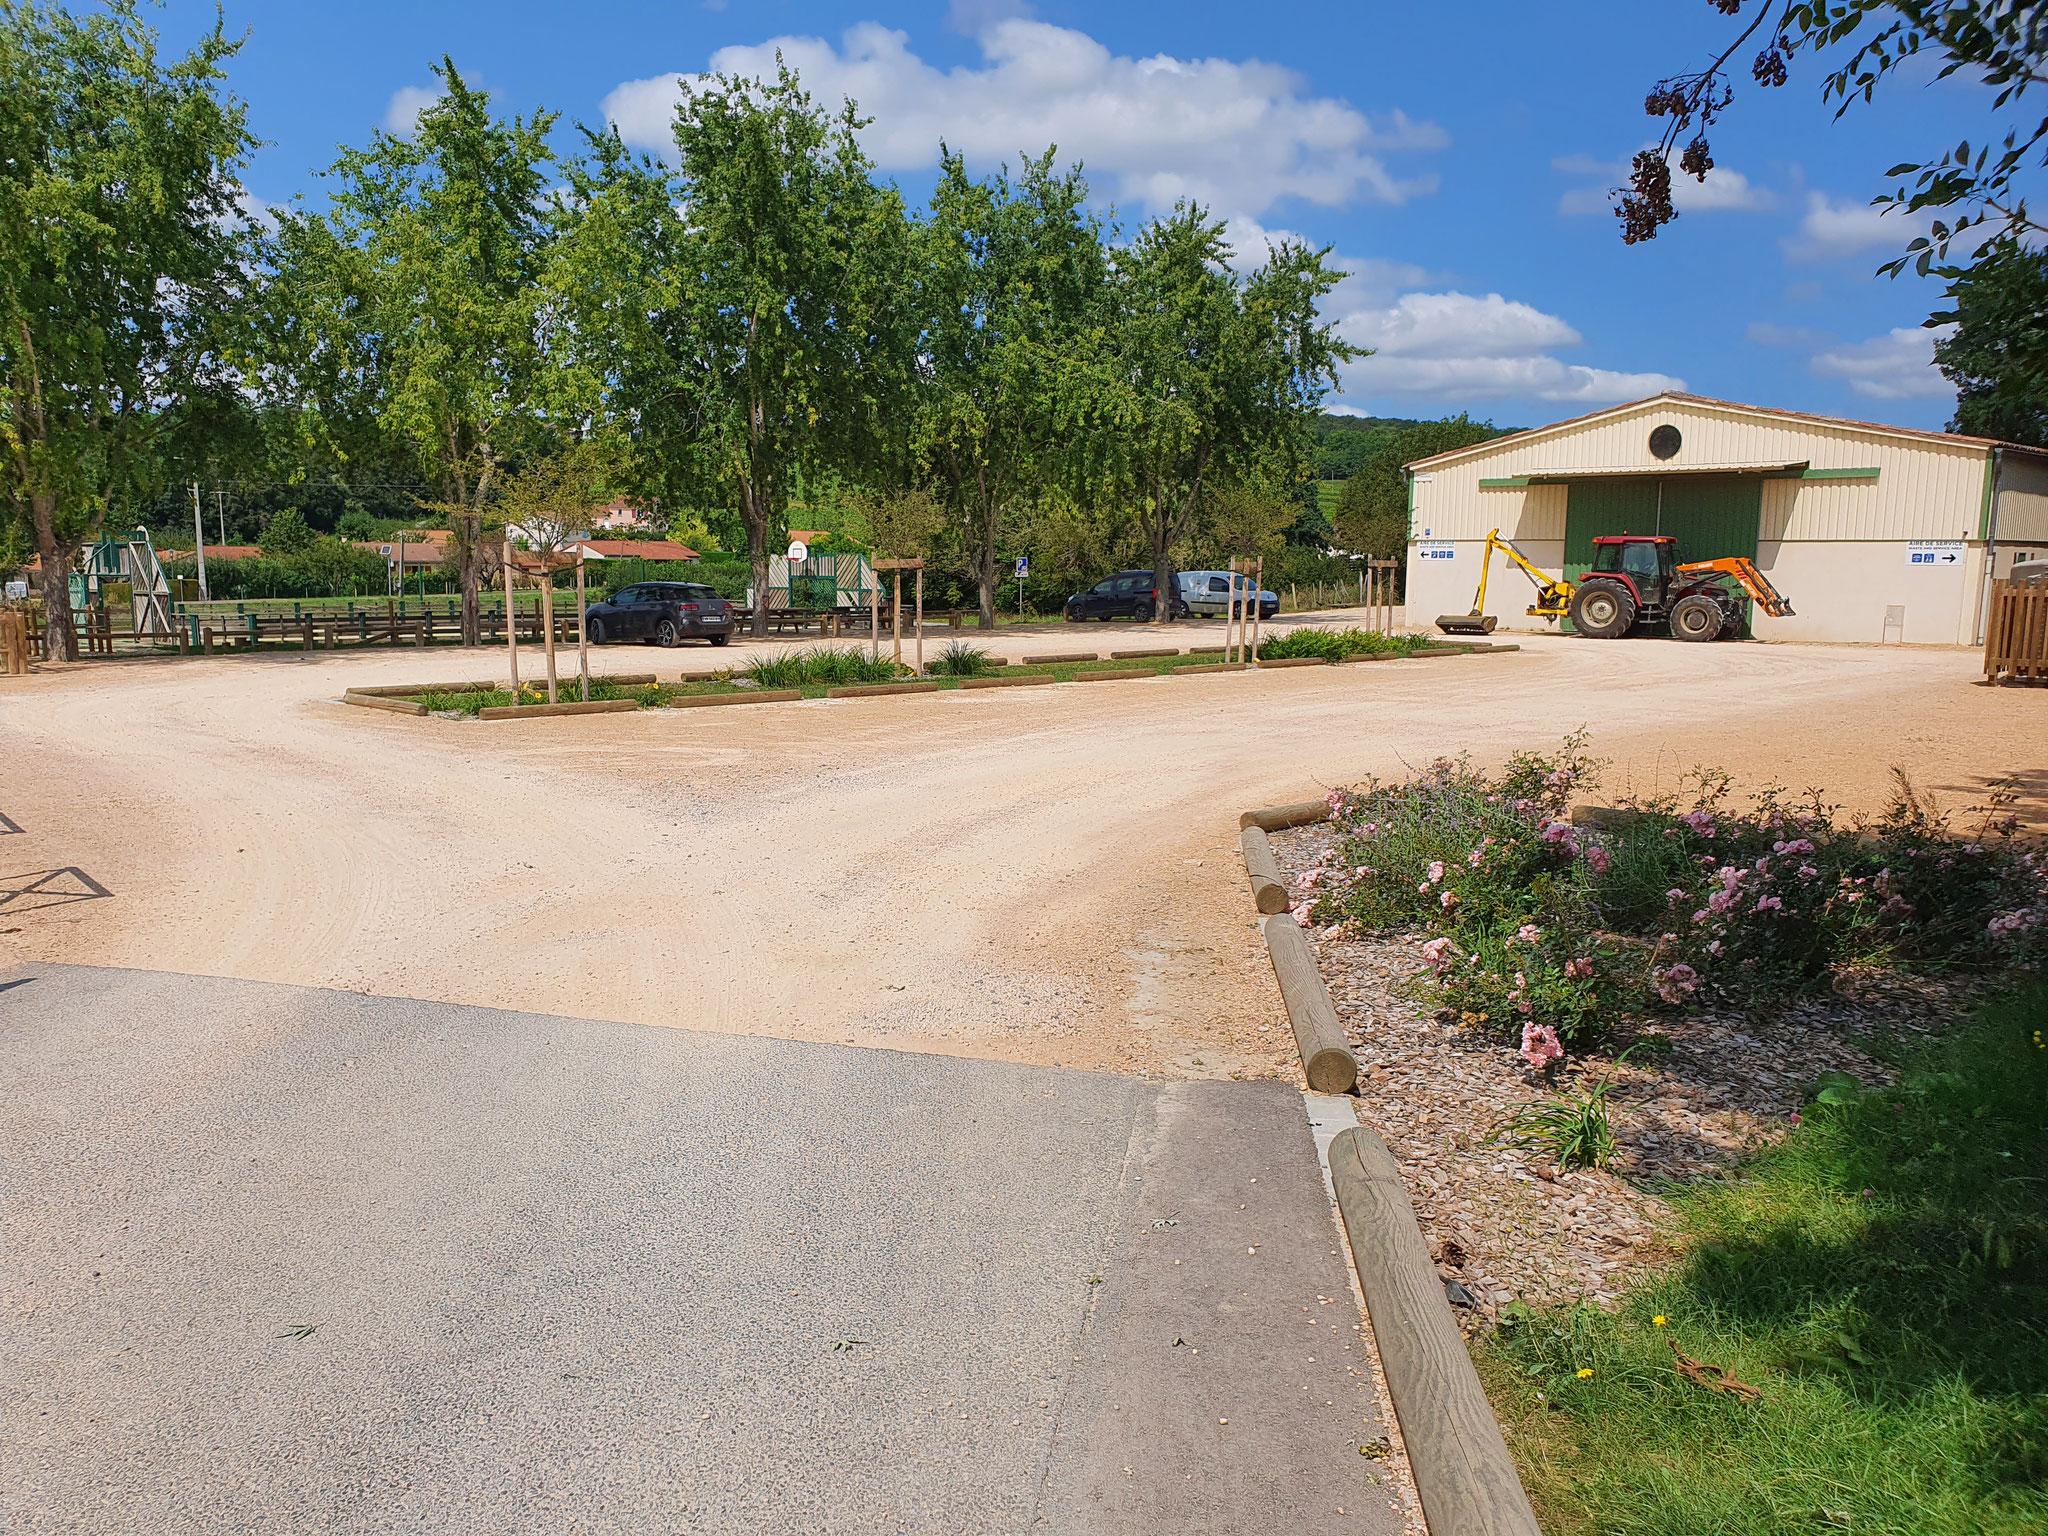 Parking fonctionnel aux abords de l'école avec noue central d'infiltration